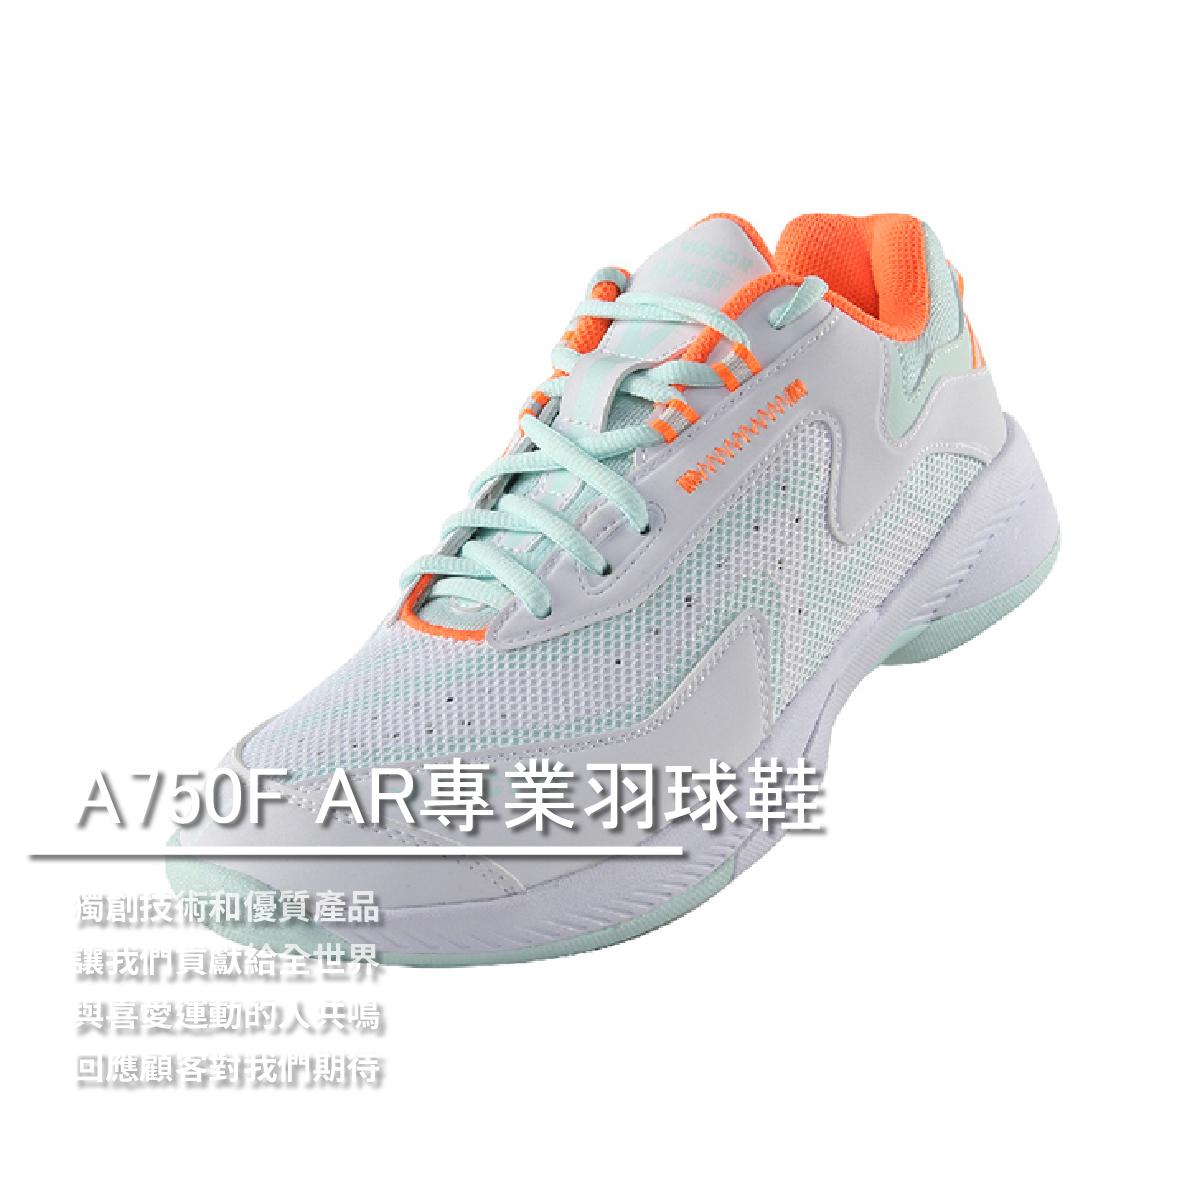 【北冠一級磅-羽球用品店】A750F AR專業羽球鞋